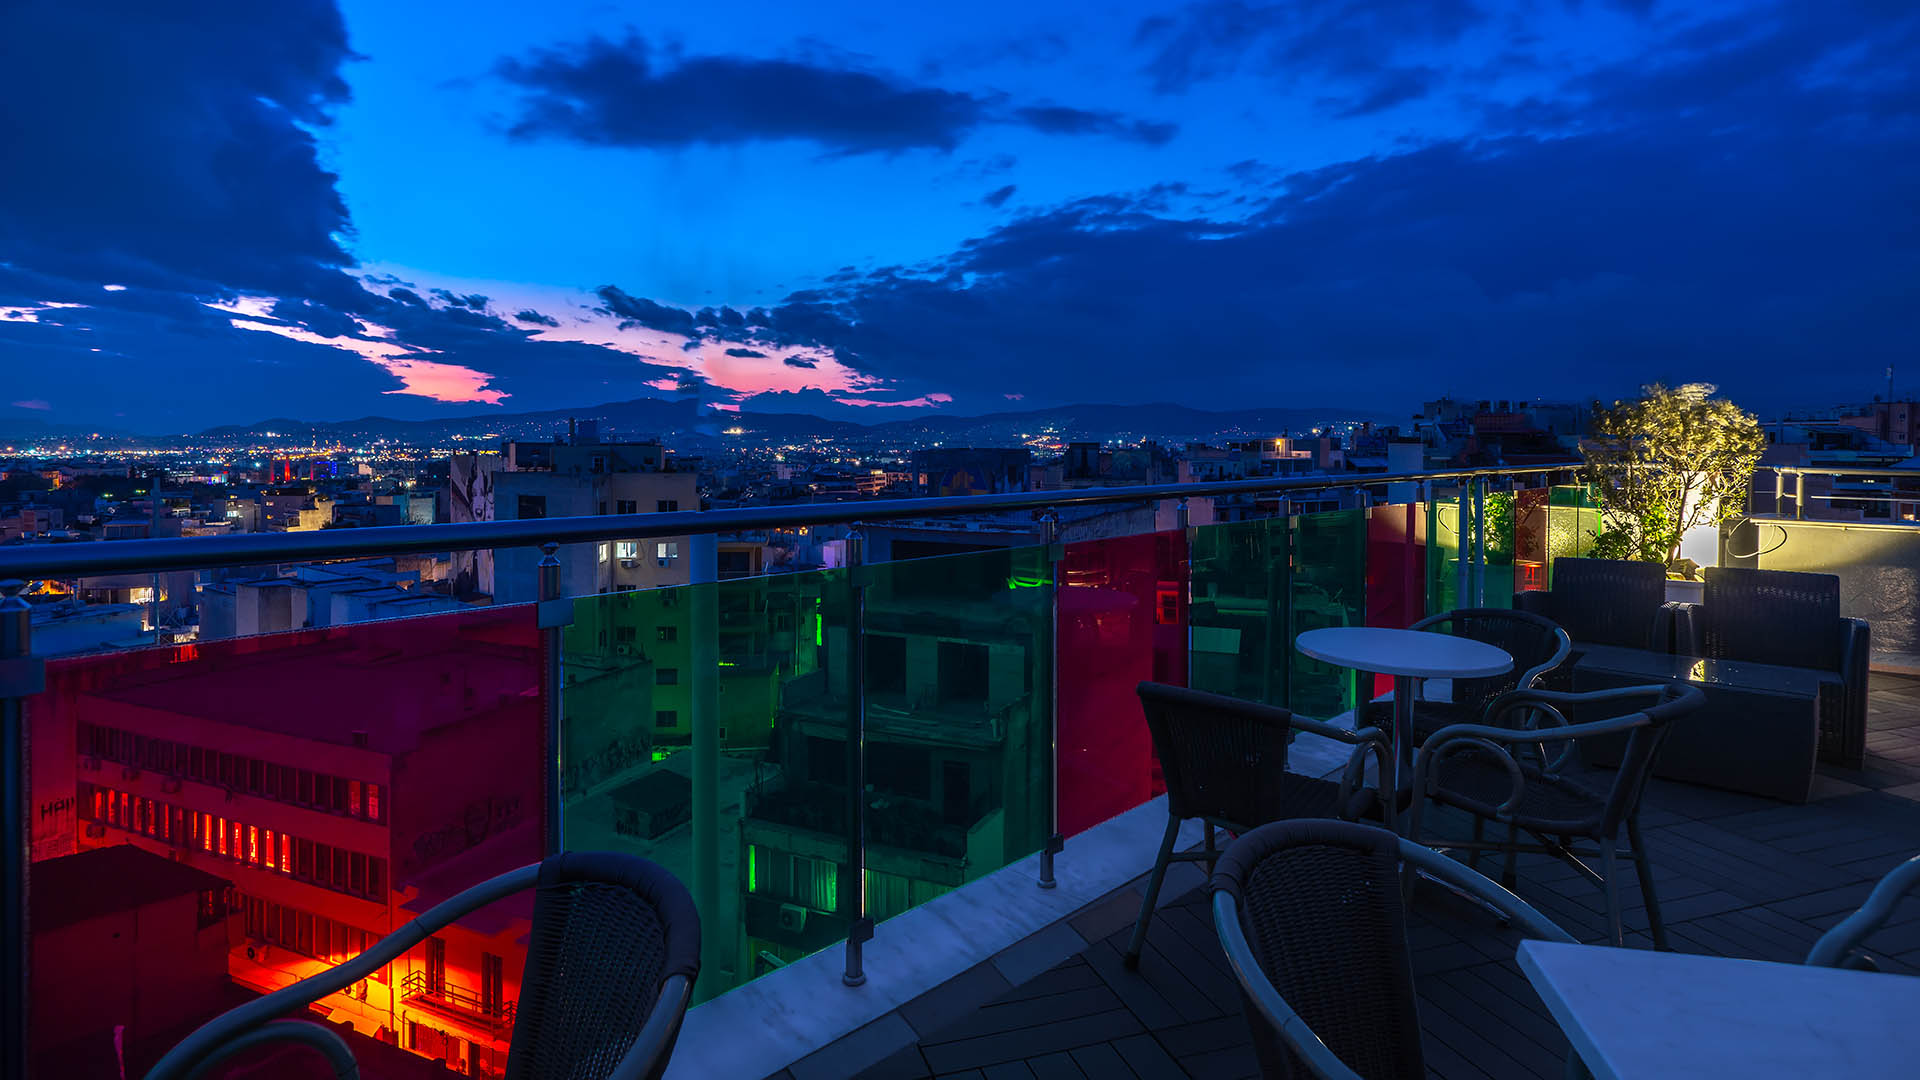 διαμονη αθηνα κεντρο θεα ακροπολη - Hotel Attalos Athens